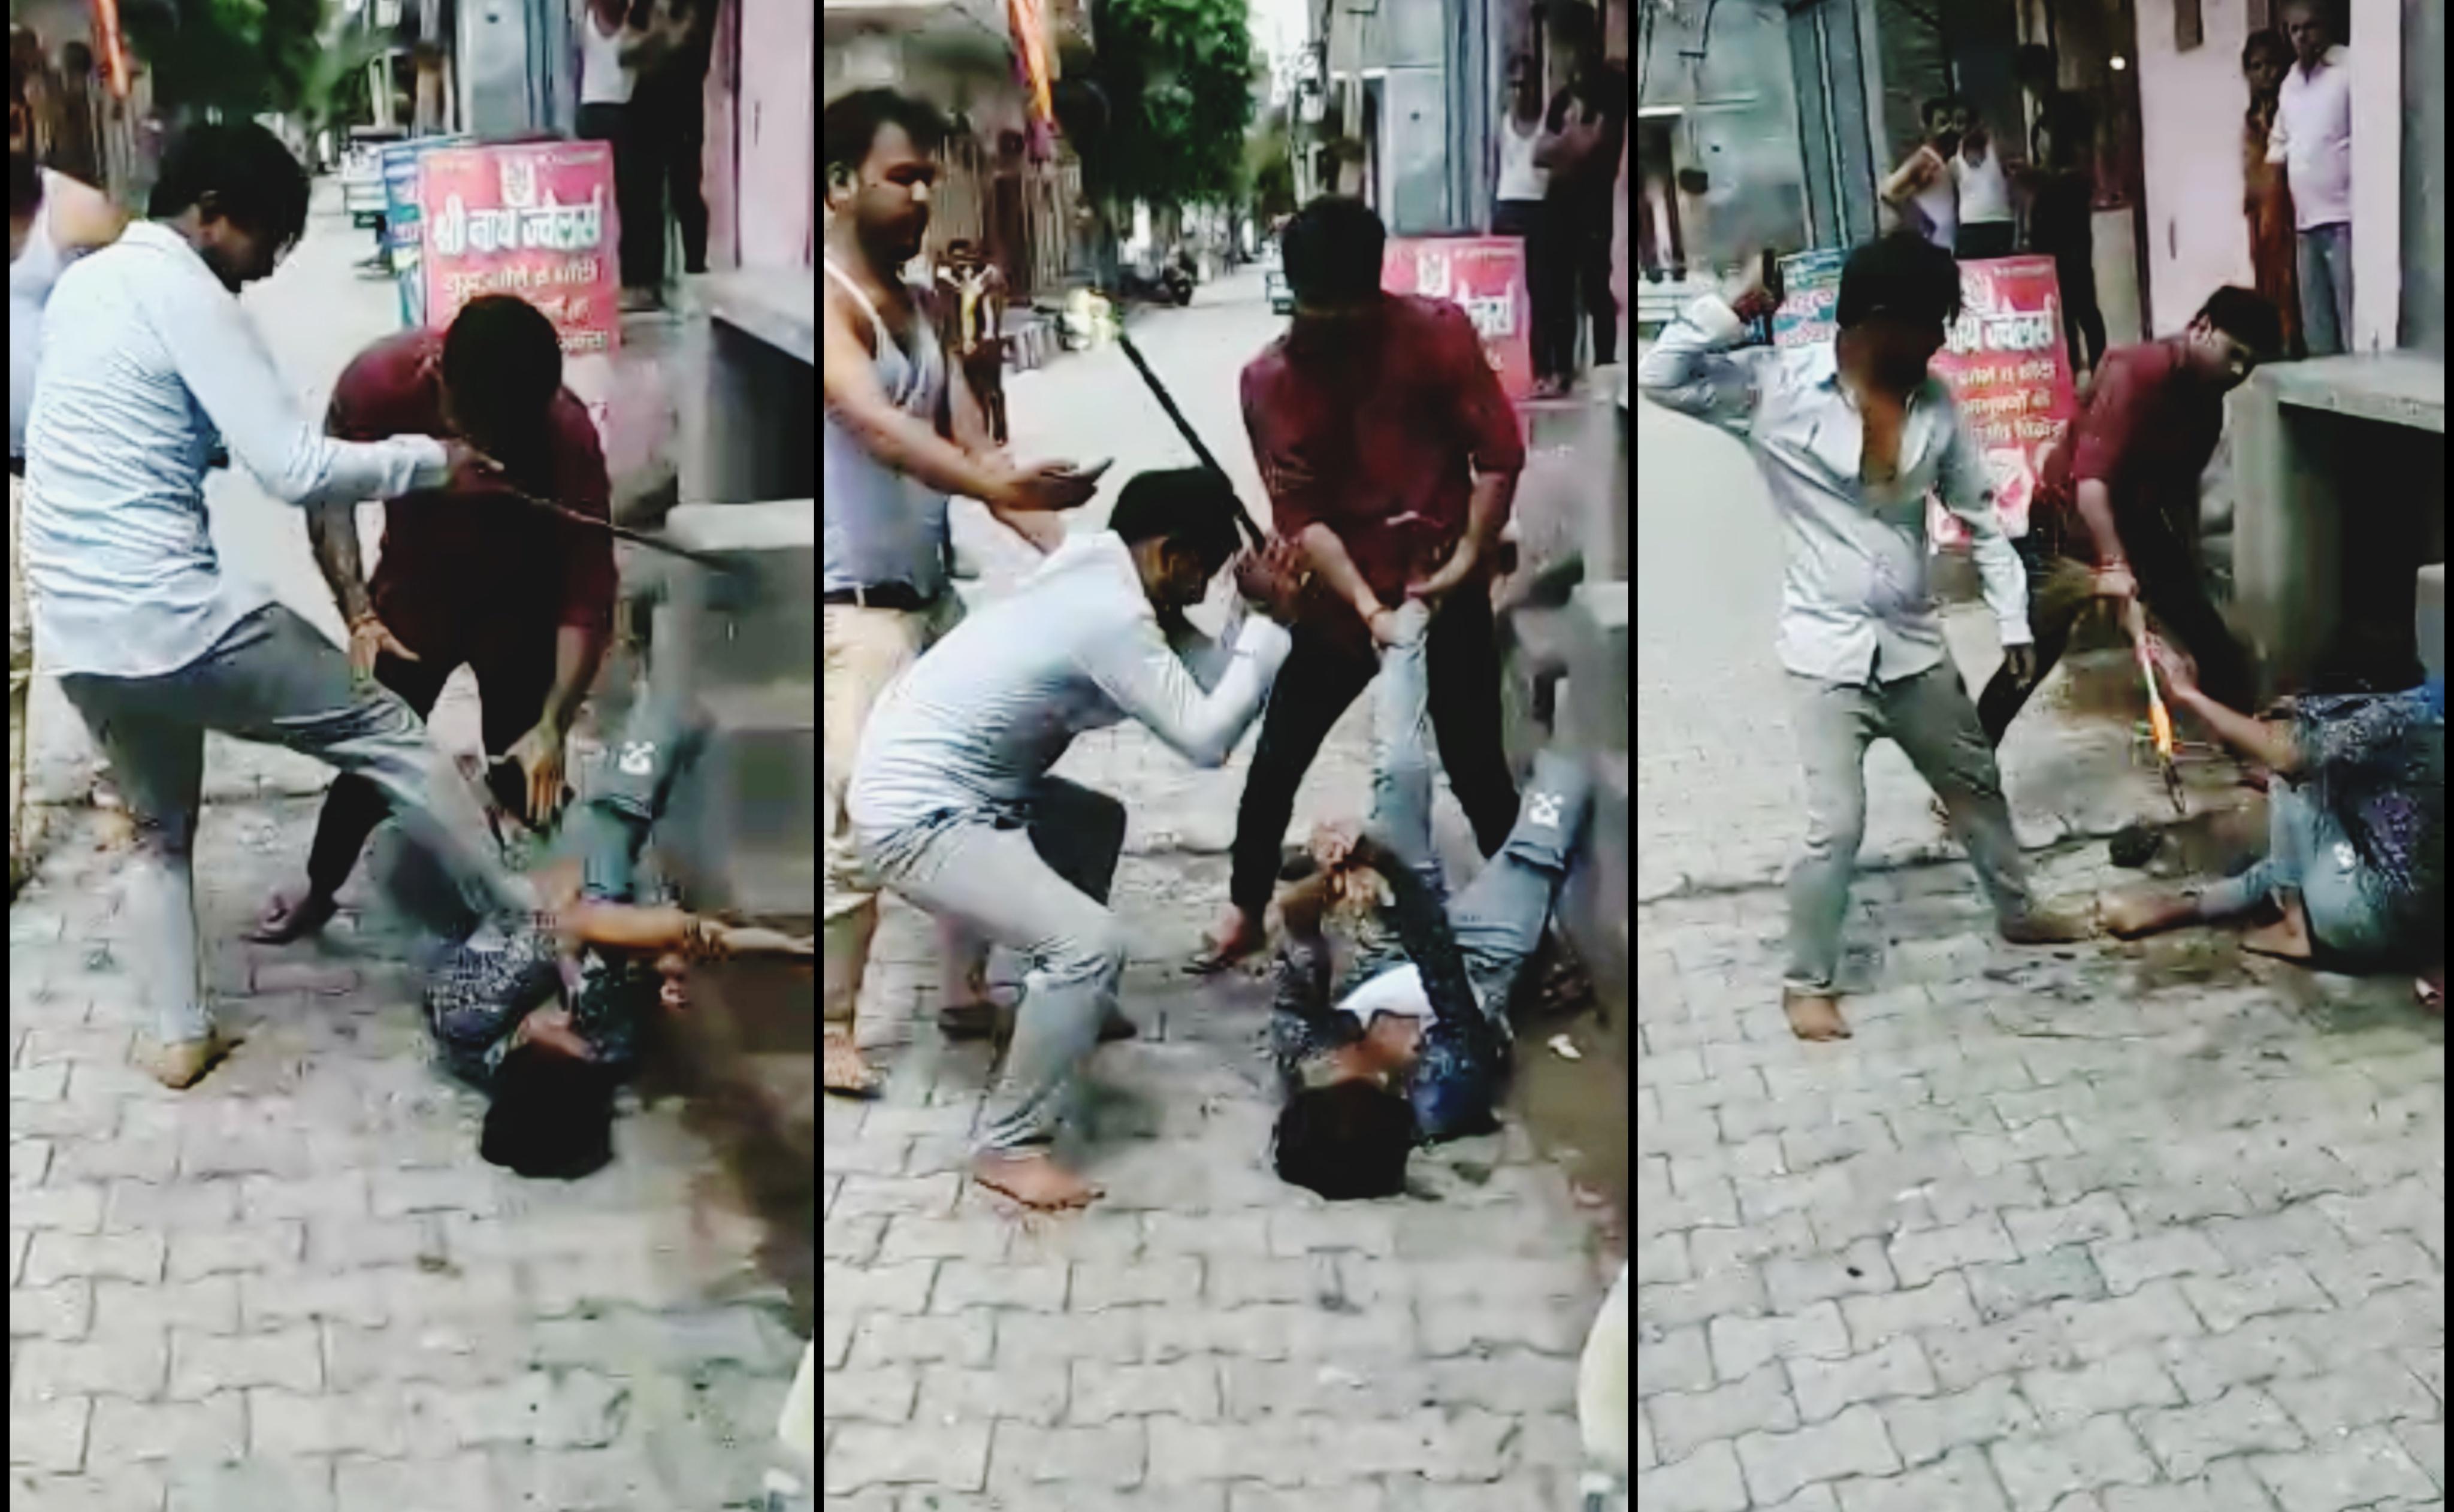 युवक के दांत तोड़े, सिर से लेकर पैर तक चोटें; 3 माह पुराने विवाद का दर्दनाक तरीके से लिया बदला|गाजियाबाद,Ghaziabad - Dainik Bhaskar